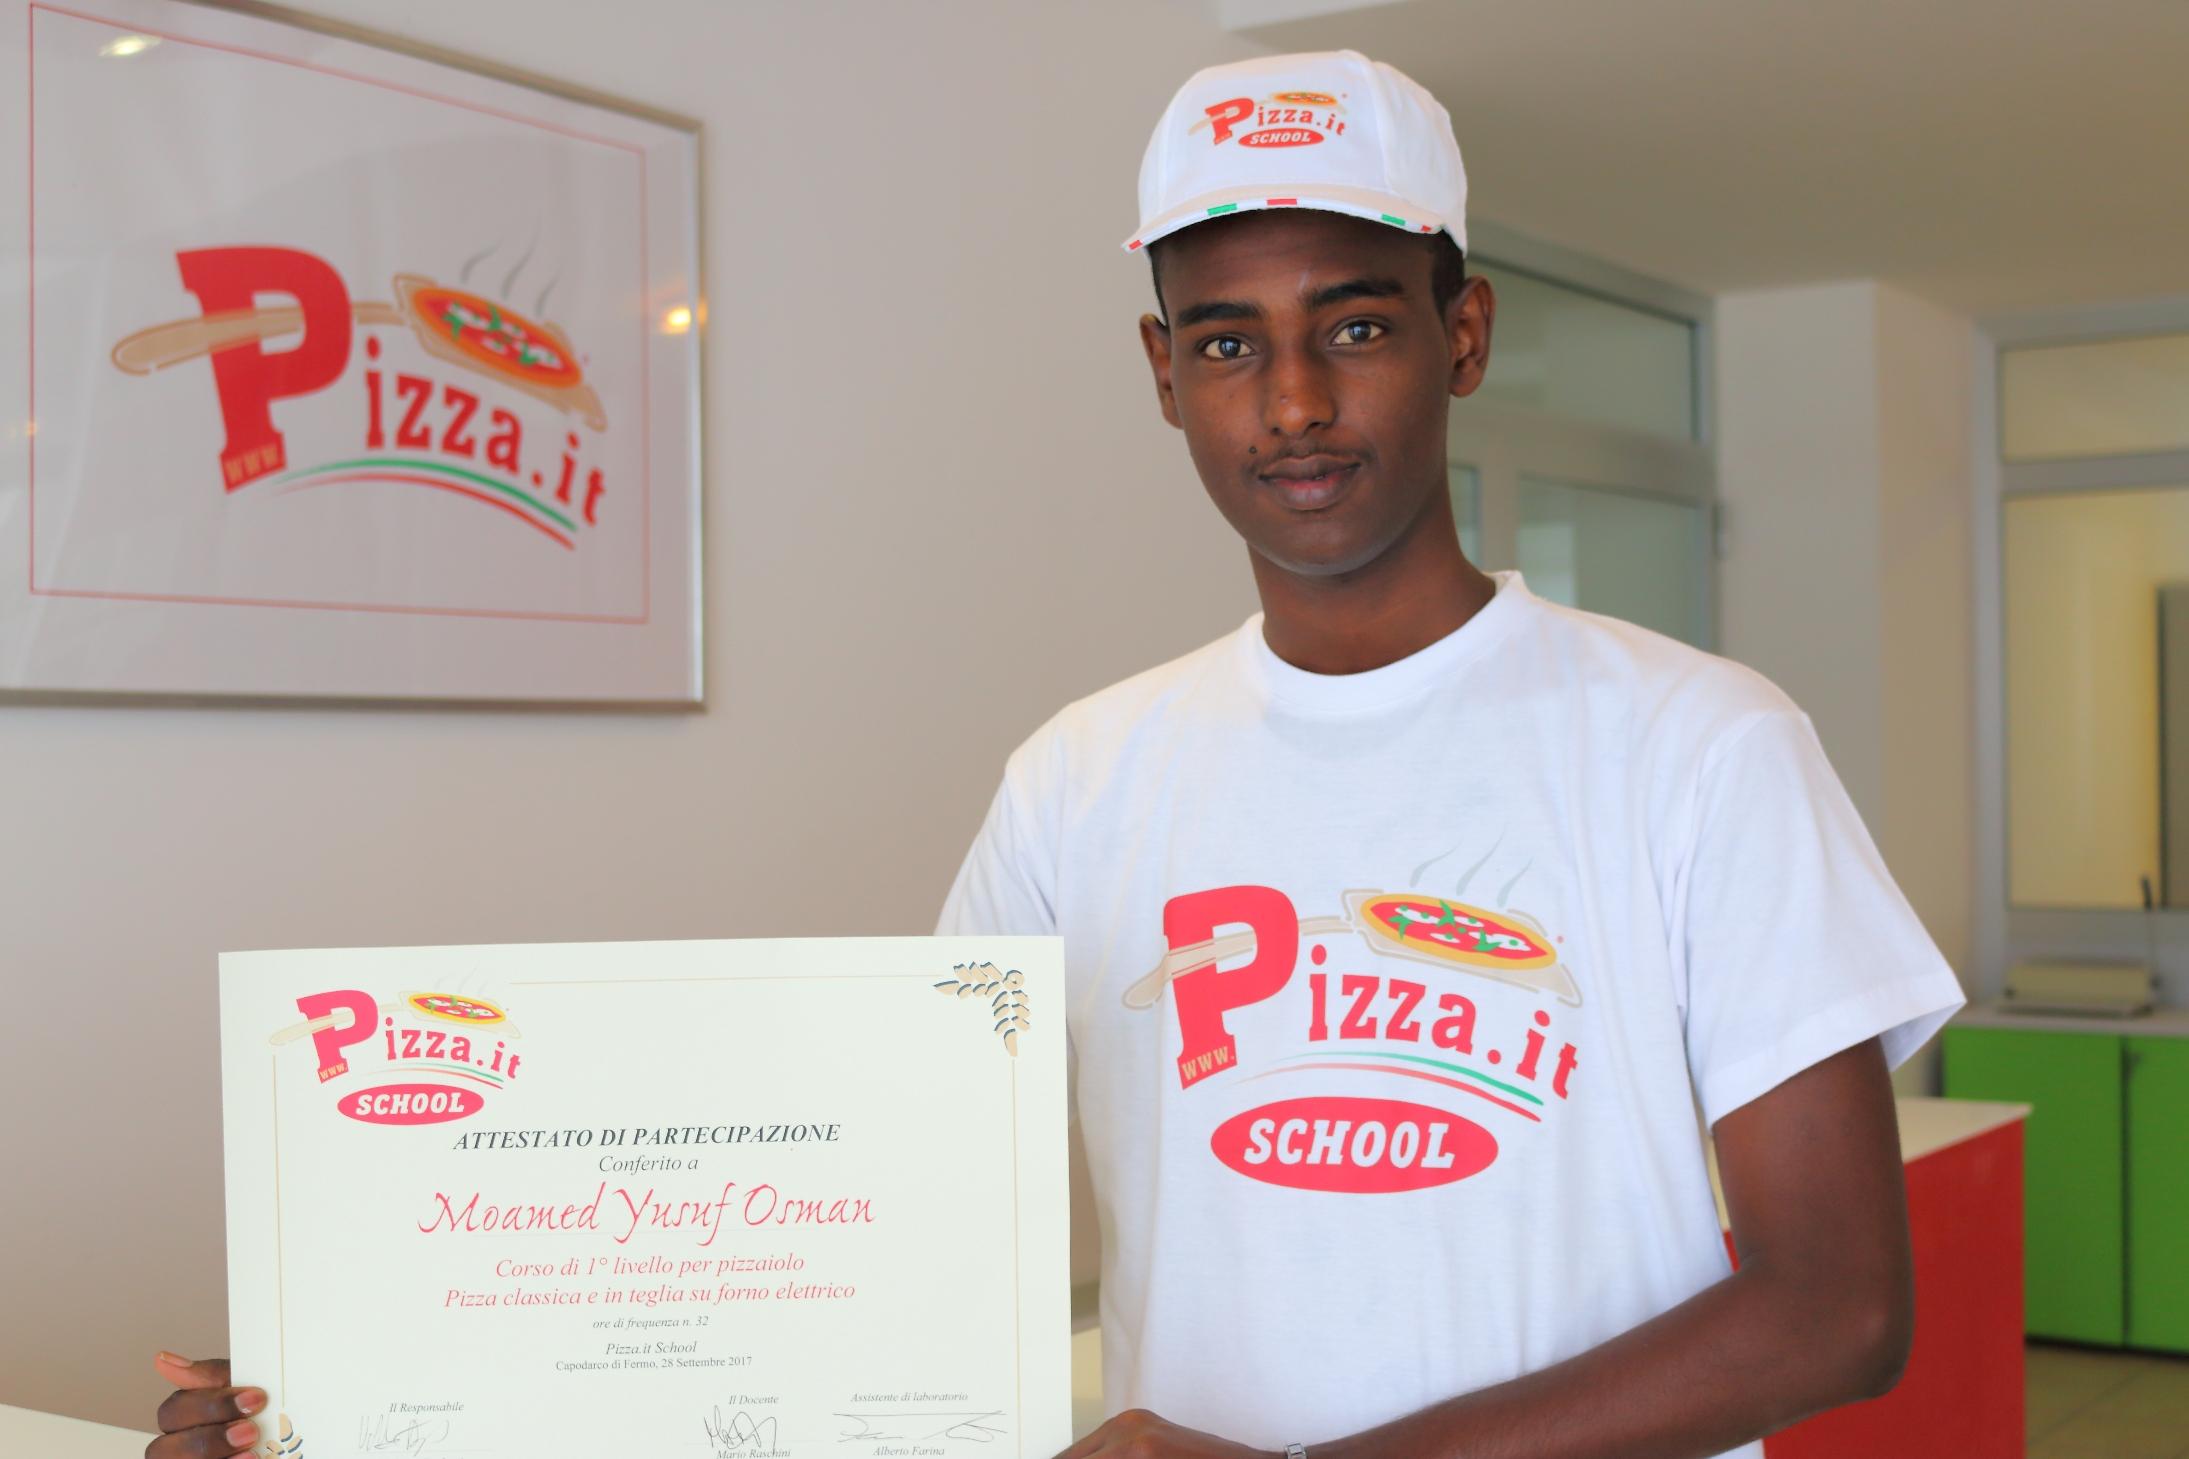 Moamed Yusuf Osman - Pizza.it School